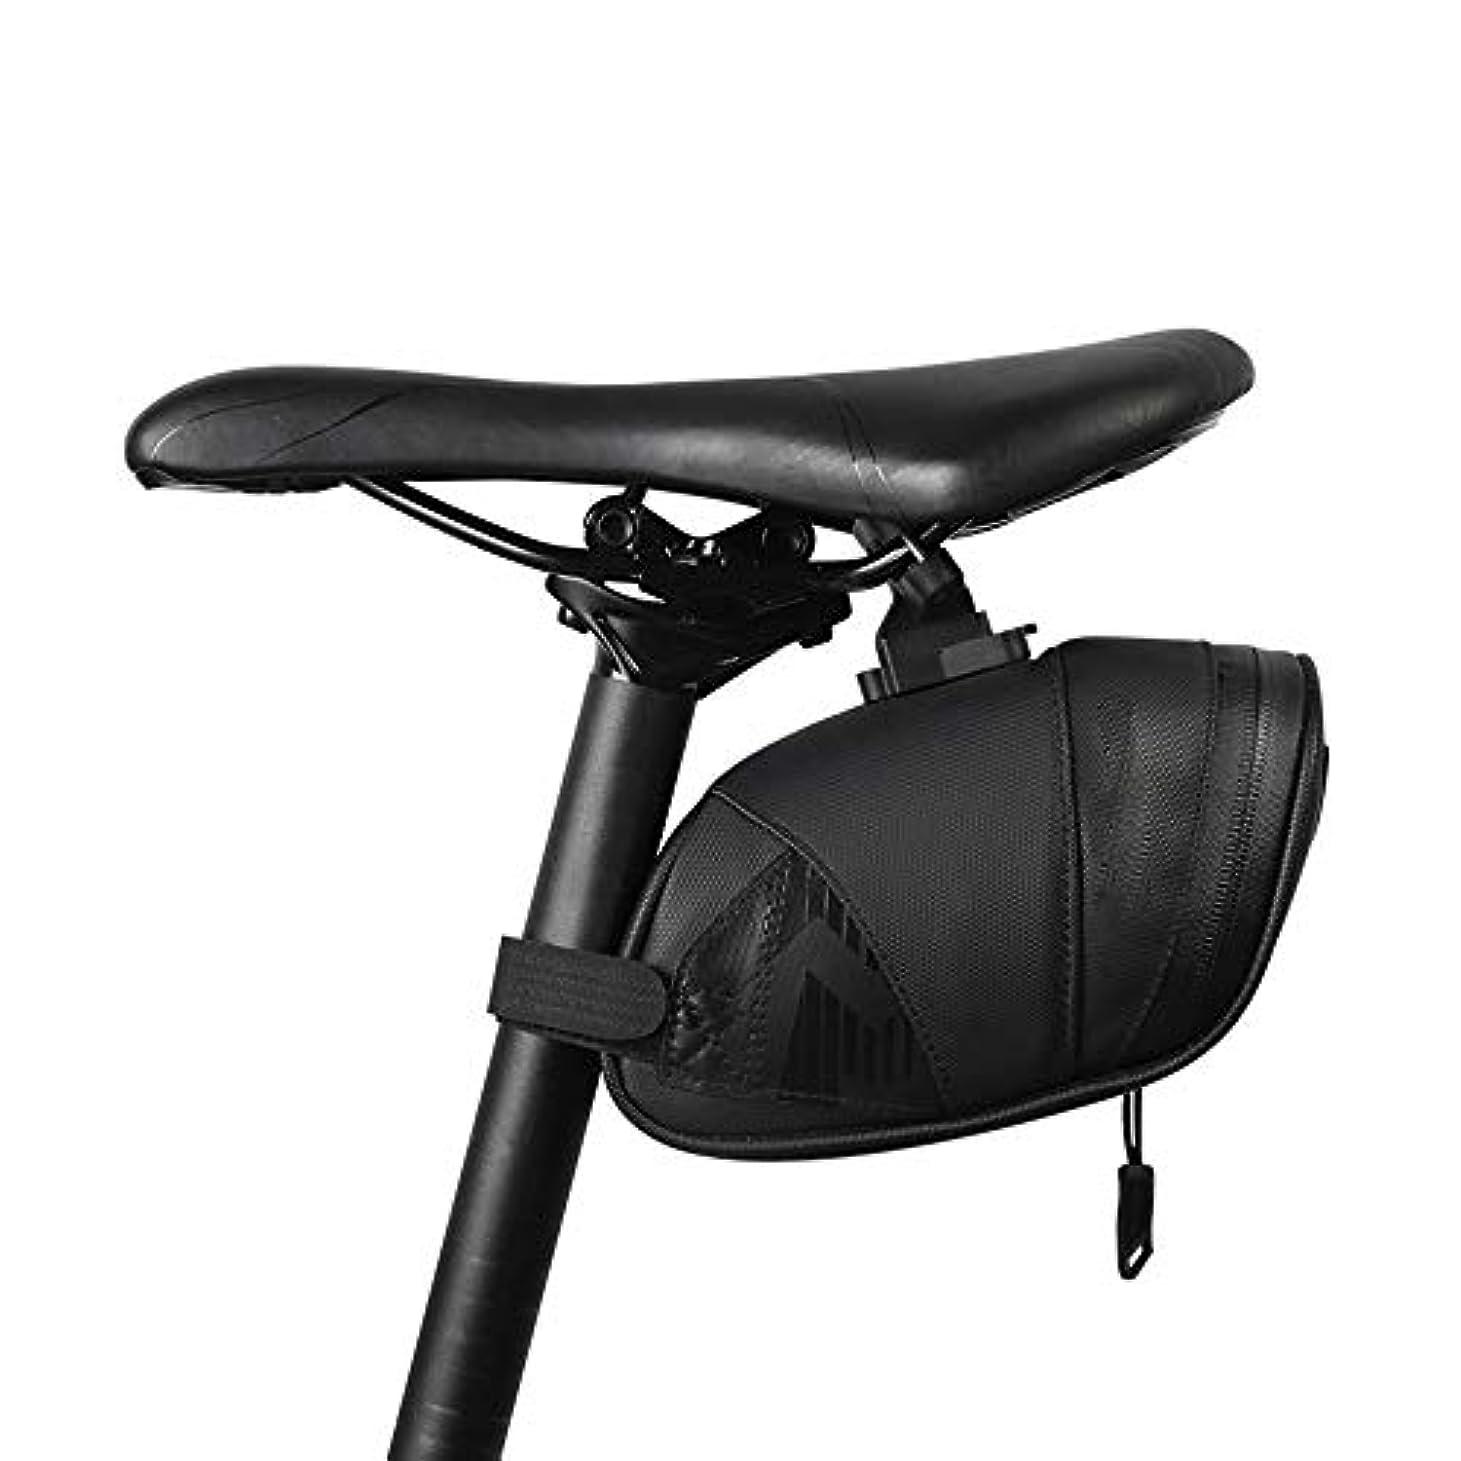 ハンカチホース白鳥Ruzzy 自転車サドルバッグマウンテンバイクアウトドアサドルバッグ簡単に防水と耐久性のあるサドルバッグ 購入へようこそ